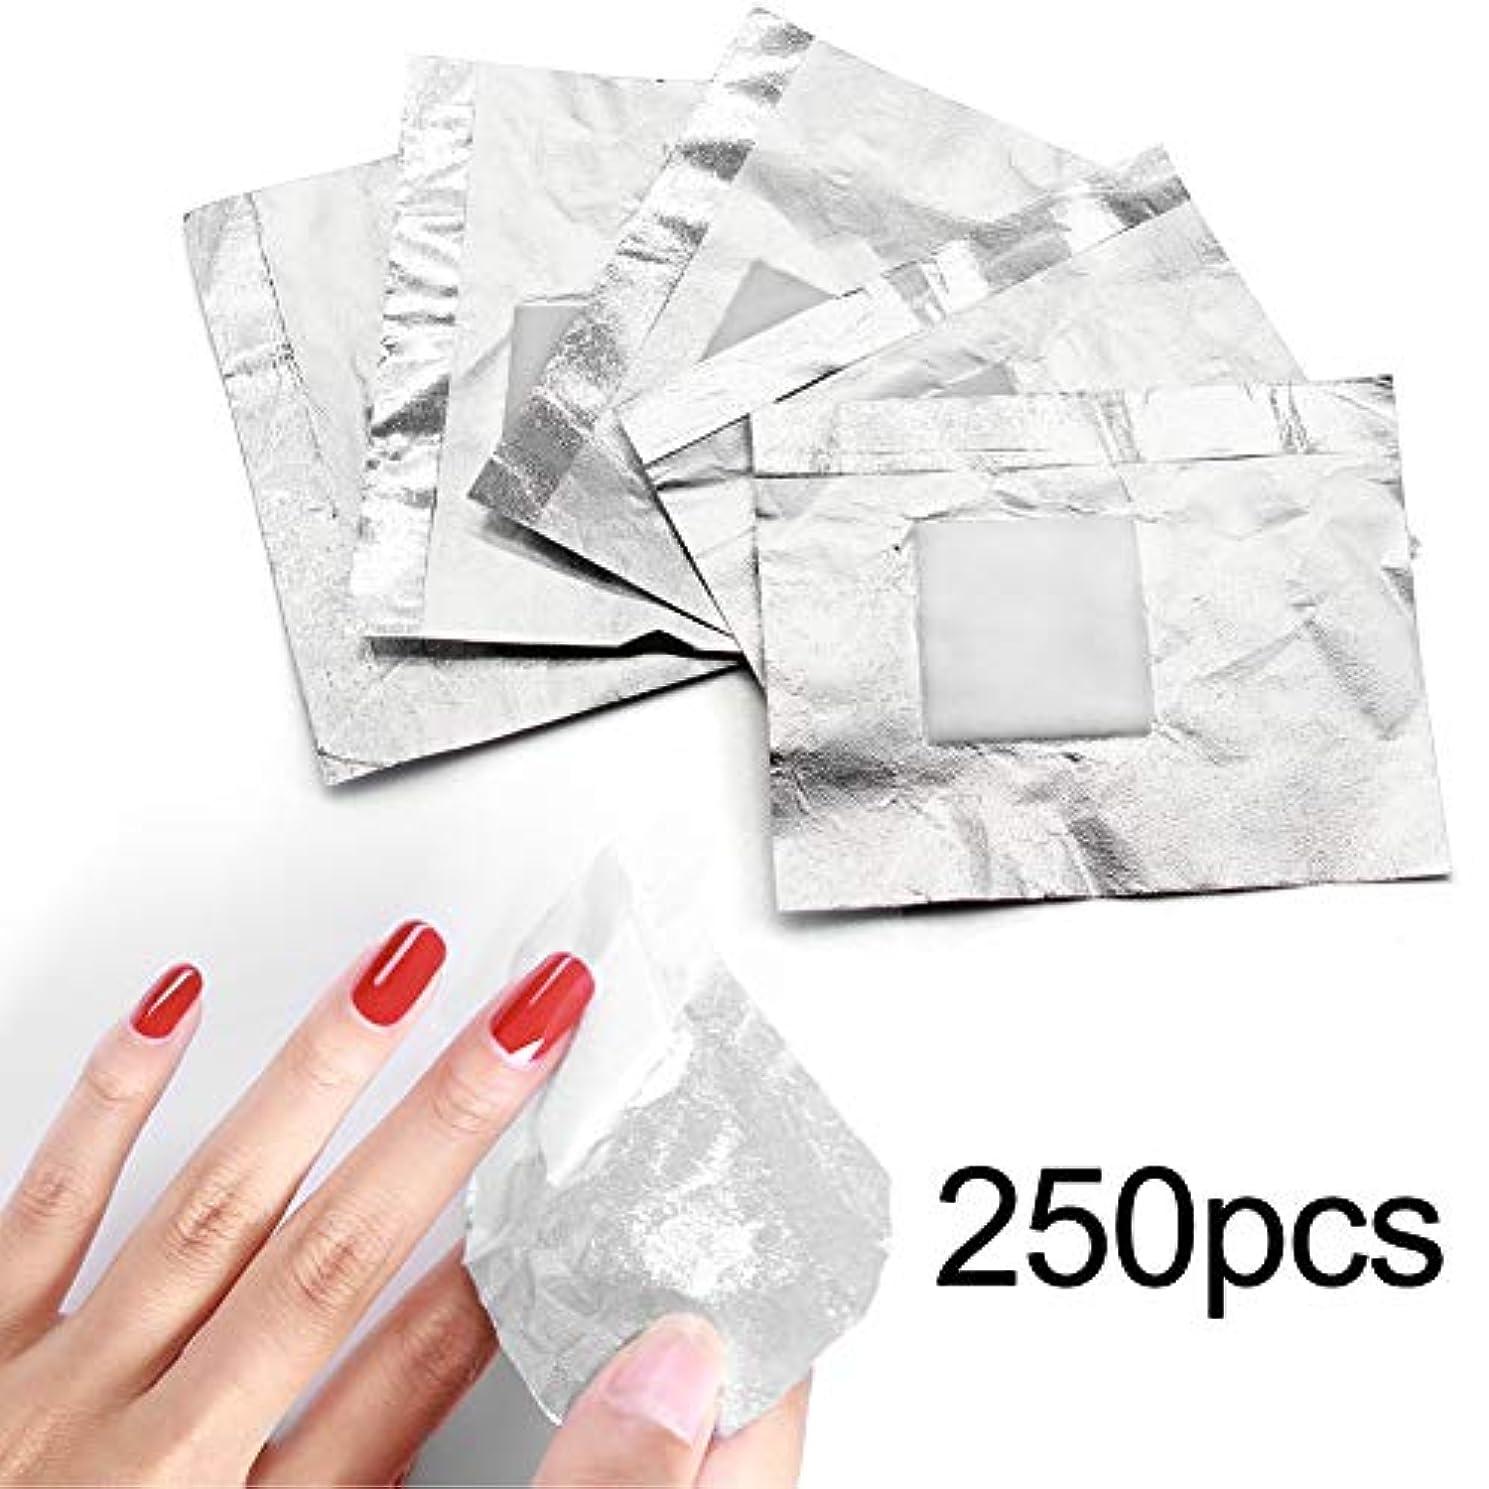 メリー可能にする環境保護主義者250pcs ネイルポリッシュをきれいにオフするコットン付きアルミホイル/きれいな爪